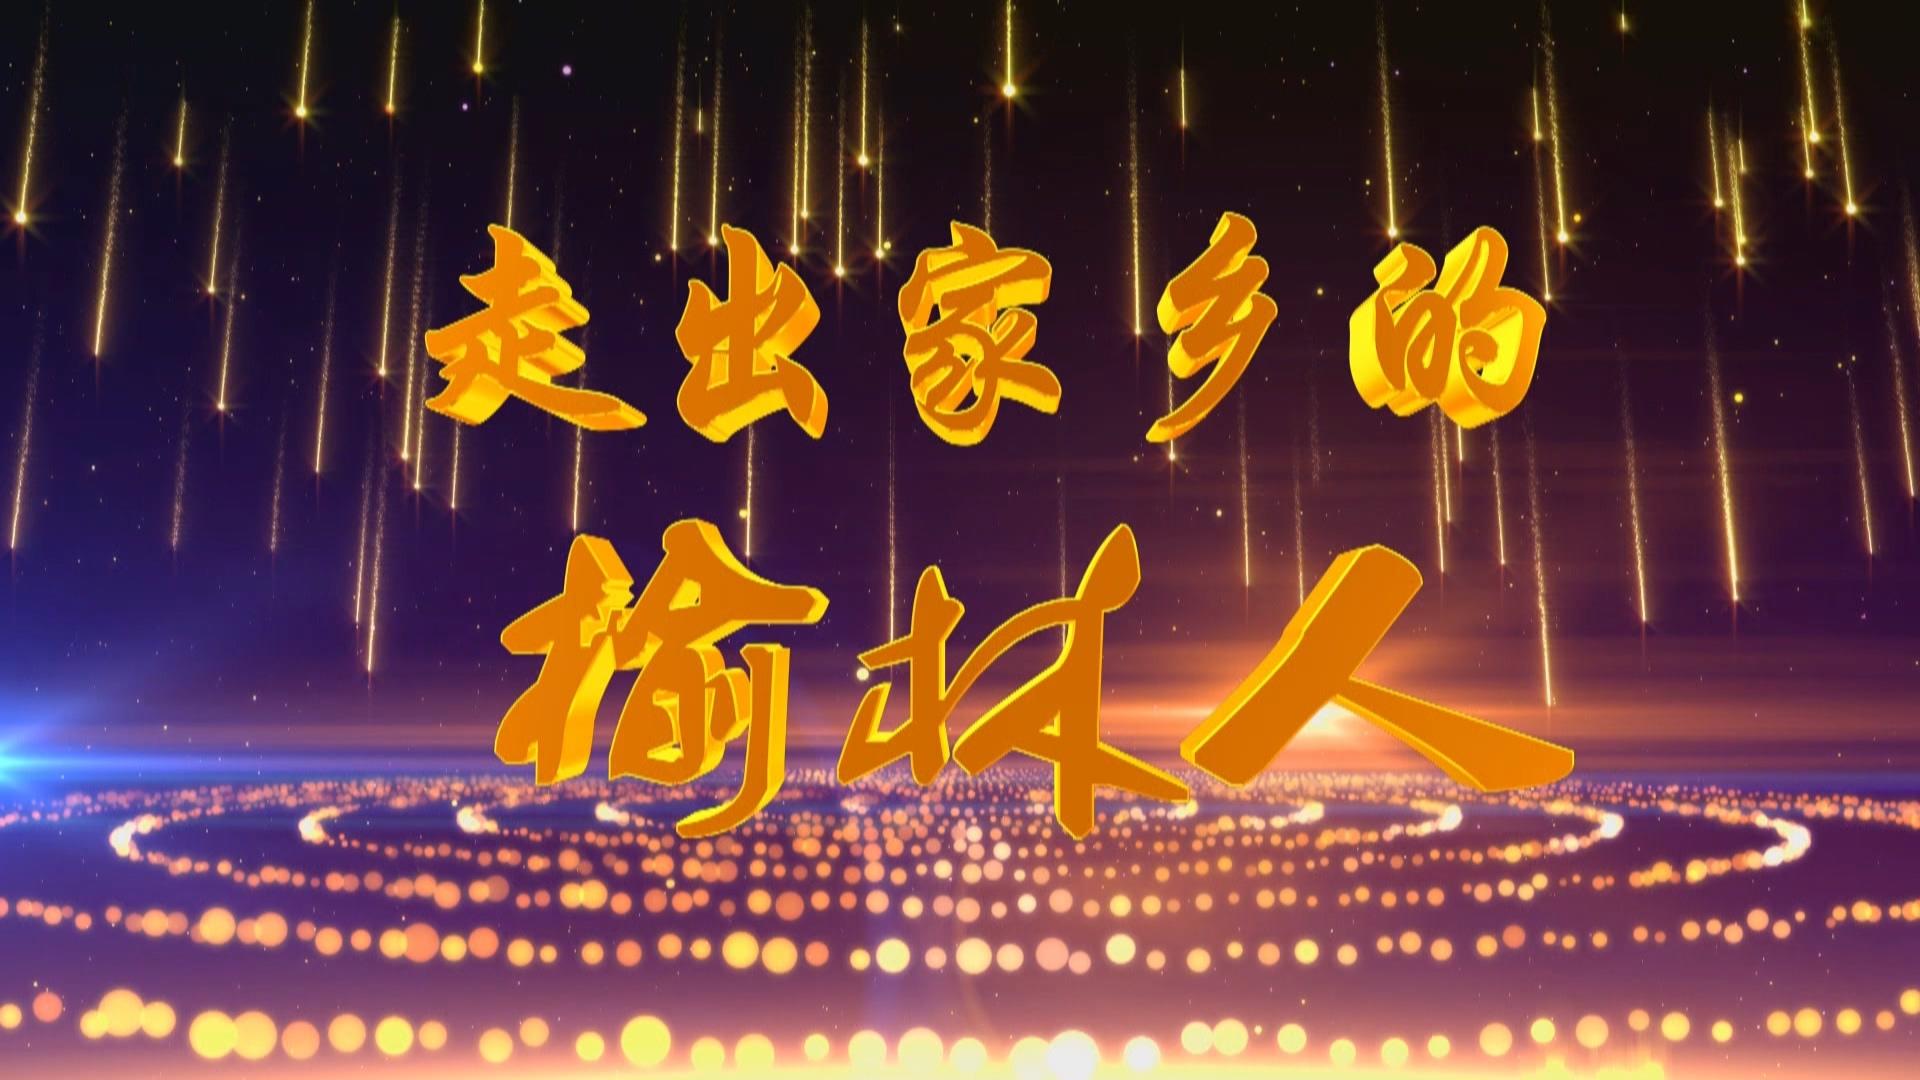 【走出家乡的榆林人】诗人曹谷溪 2018-09-07